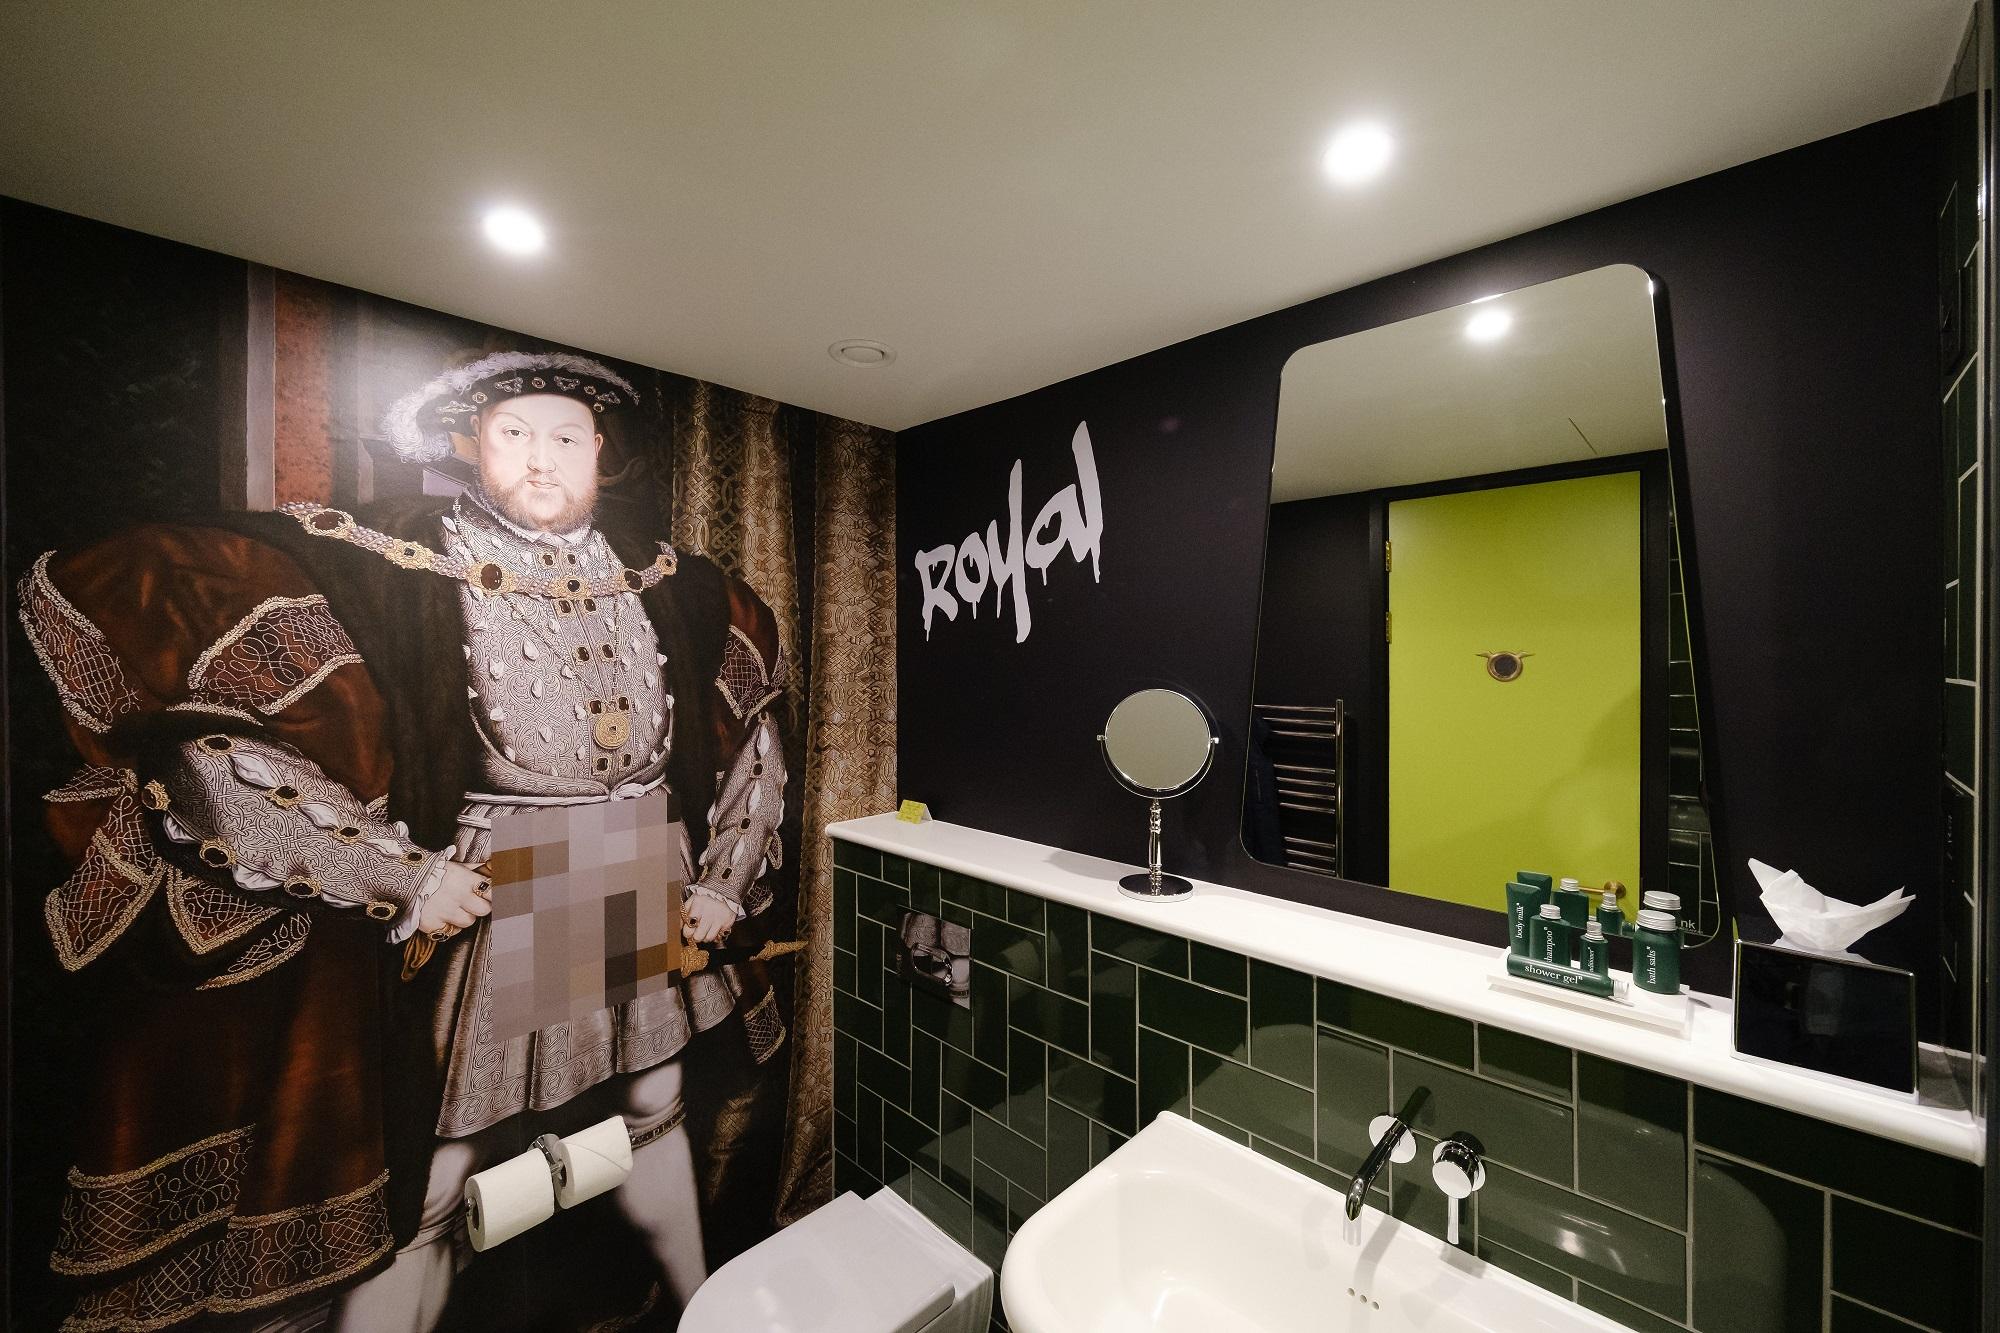 Nhow London London S Neuestes Designhotel Ist Geoffnet Nh Hotel Group Northern Europe Pressemitteilung